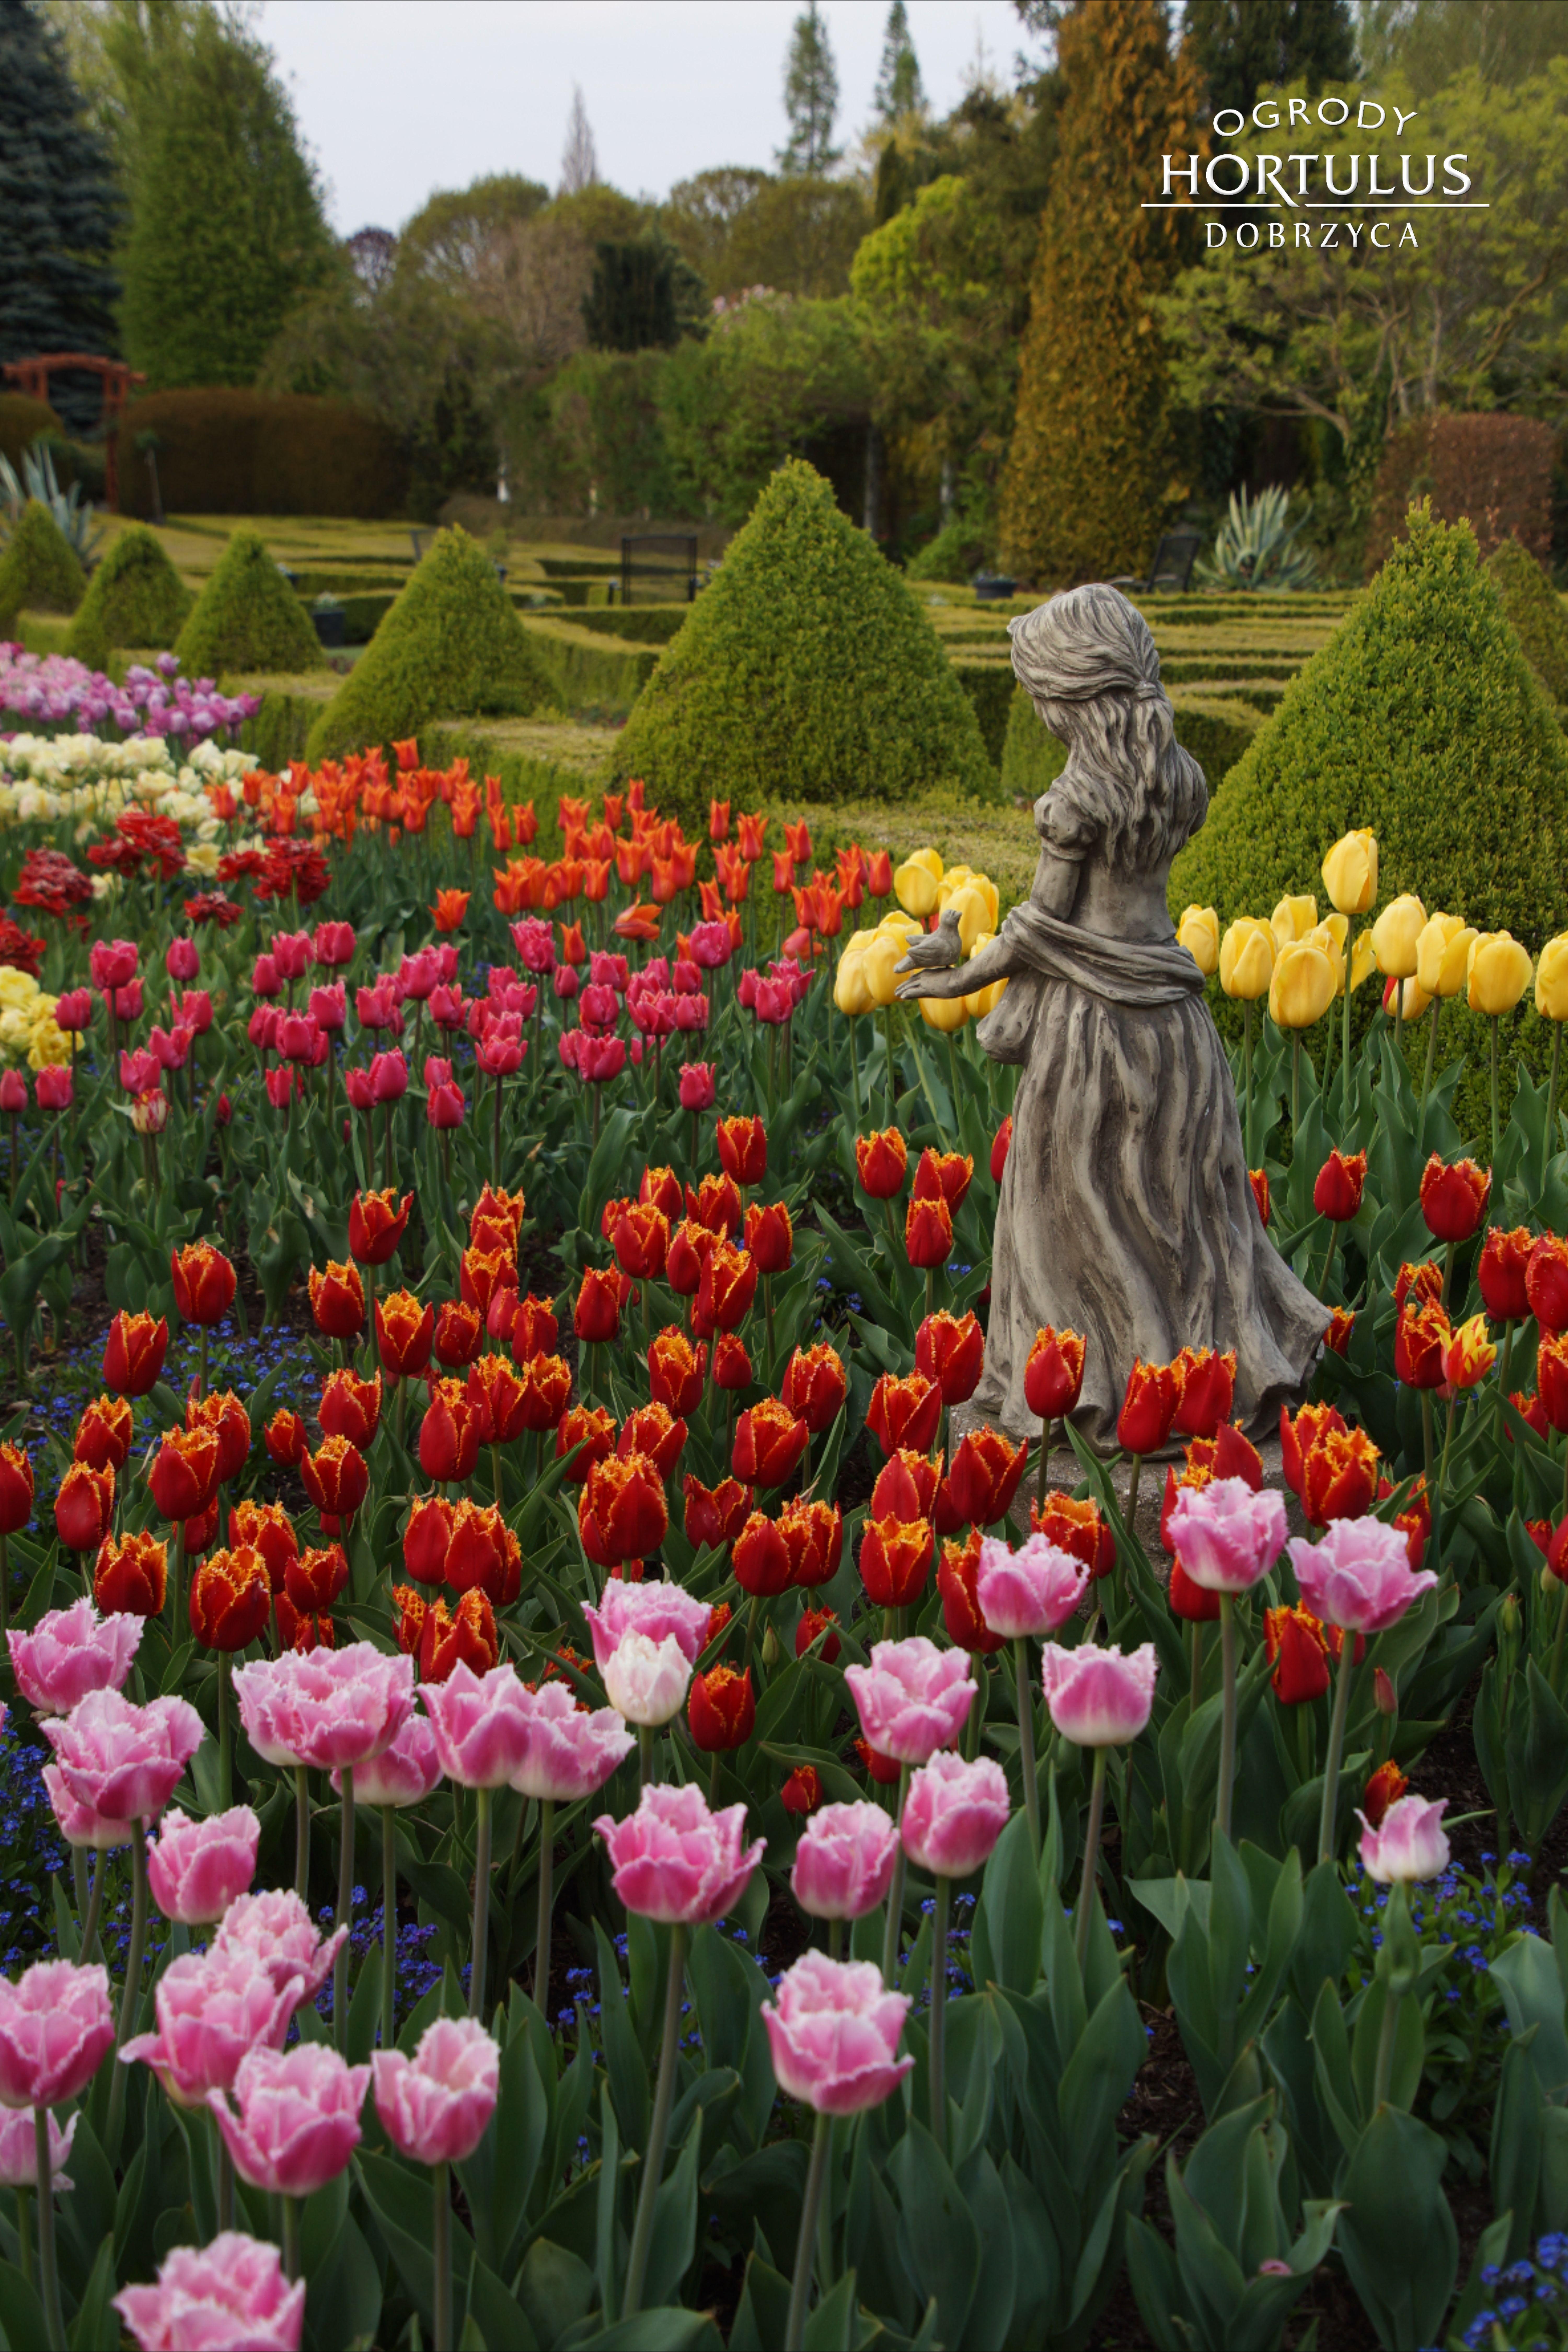 Kolorowe Tulipany W Ogrodzie Bukszpan Formowany Rzezba Ogrodowa W Otoczeniu Tulipanow Hortulus Plants